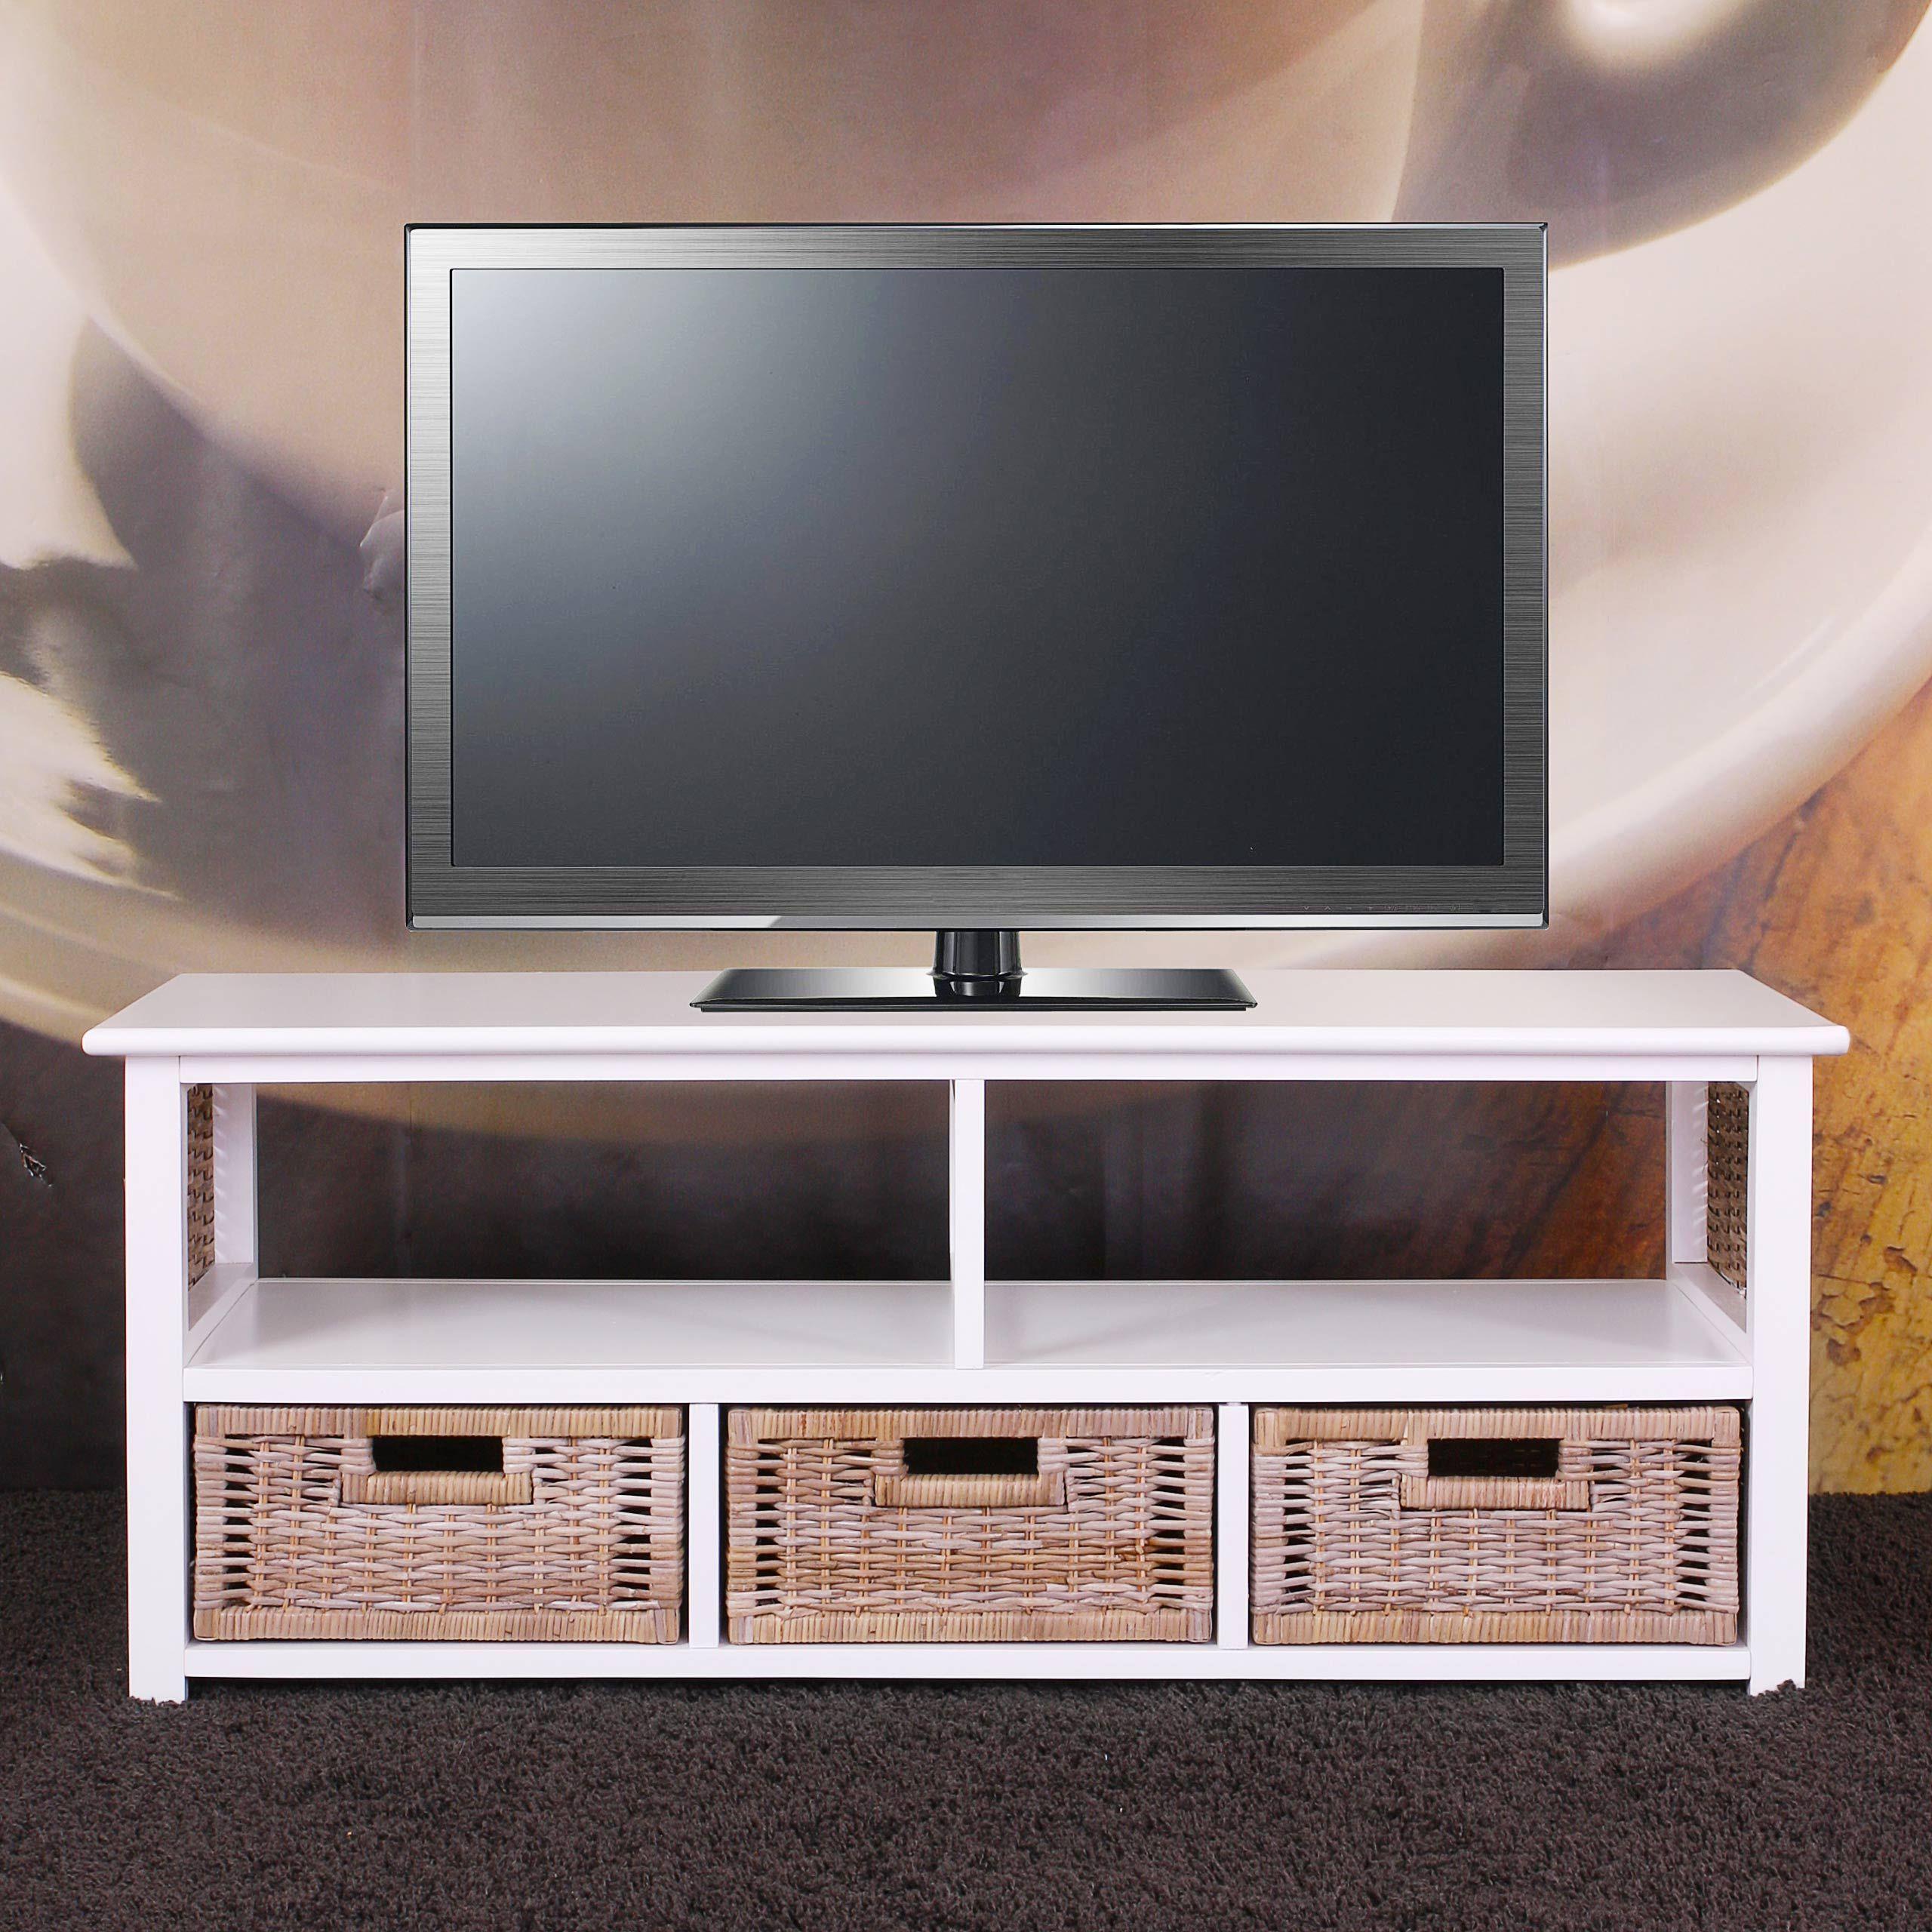 Meuble Table Basse T L Bois Massif Osier 3 Tiroirs Meubles D  # Table Tv Bois Brut